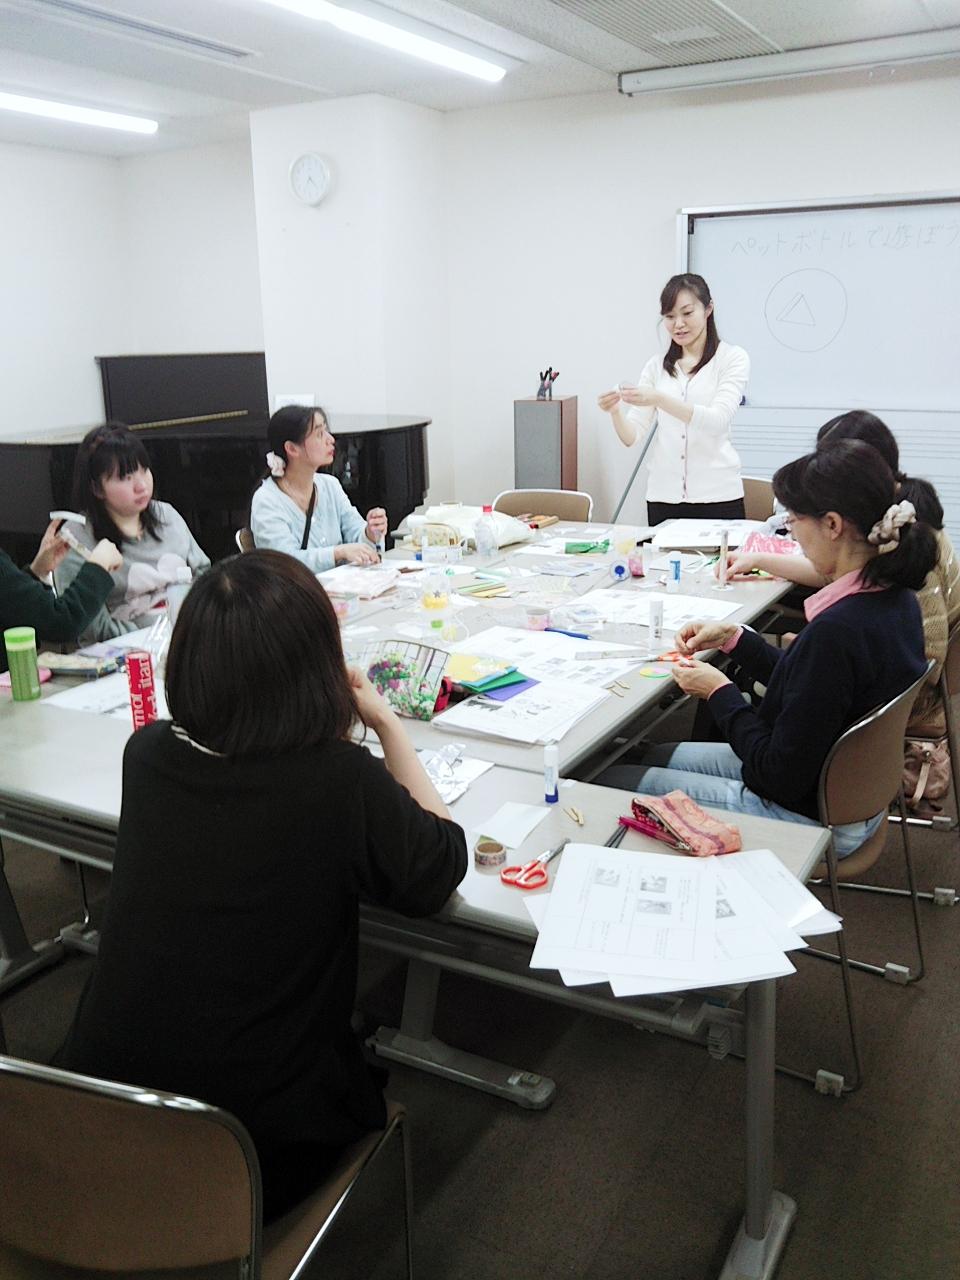 机を囲む田村講師と6名ほどの履修生の姿が映る。机の上には紙や文房具が沢山並んでいる。